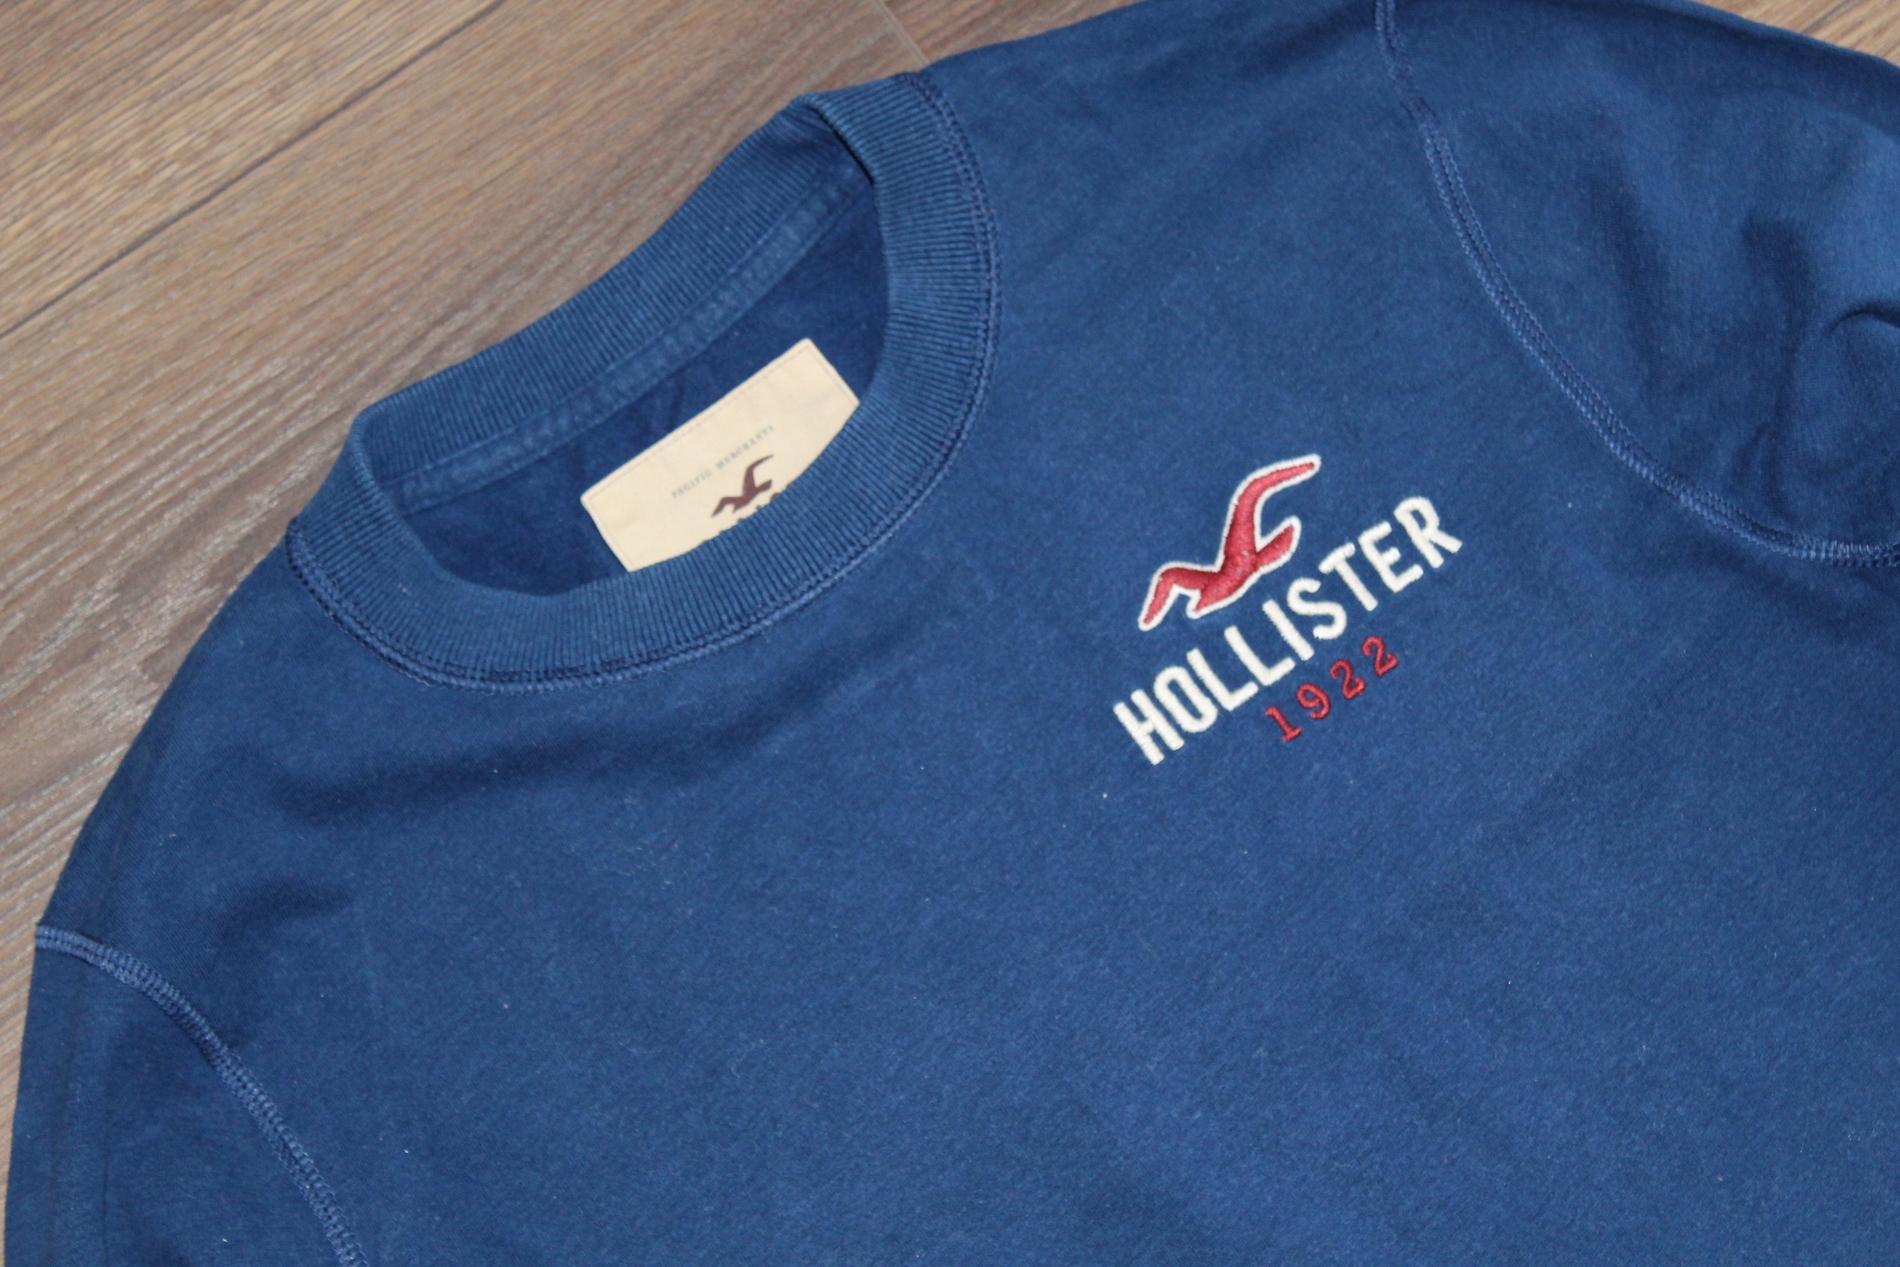 _HOLLISTER markowa oryginalna bluzka r.M